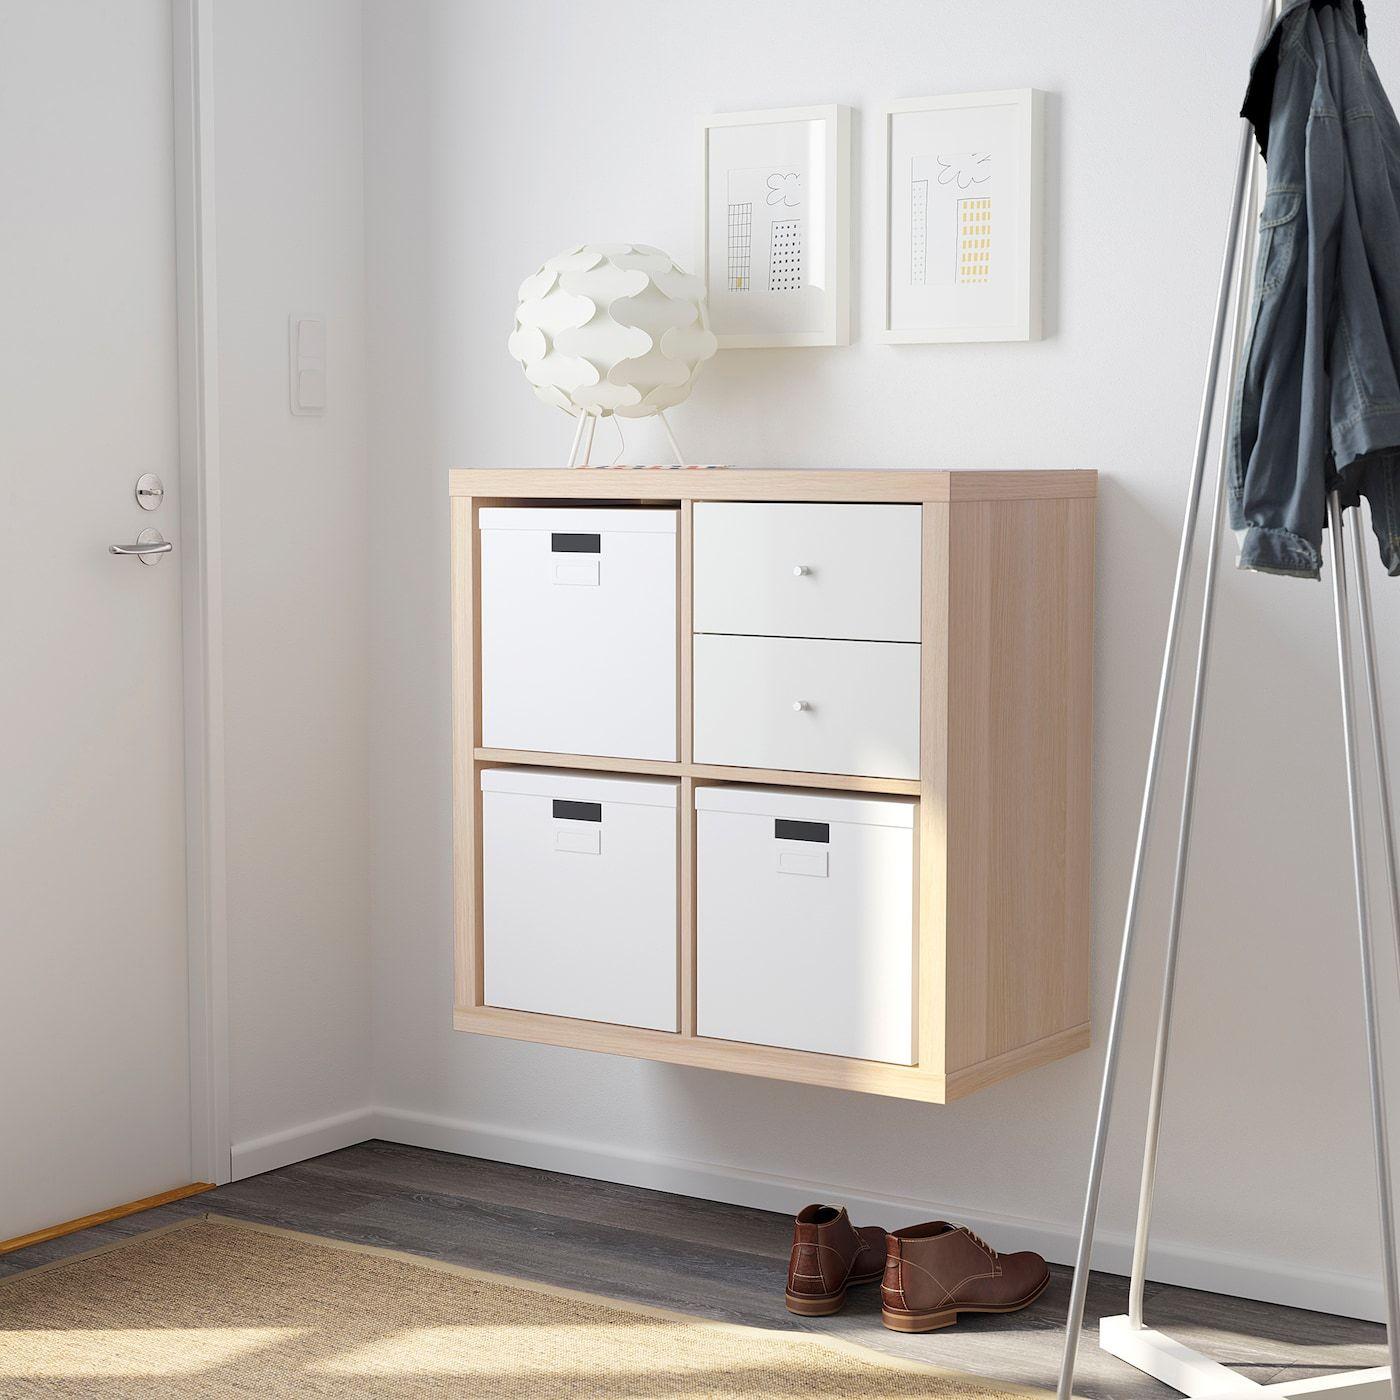 Kallax Regal Eicheneff Wlas Ikea Deutschland In 2020 Kallax